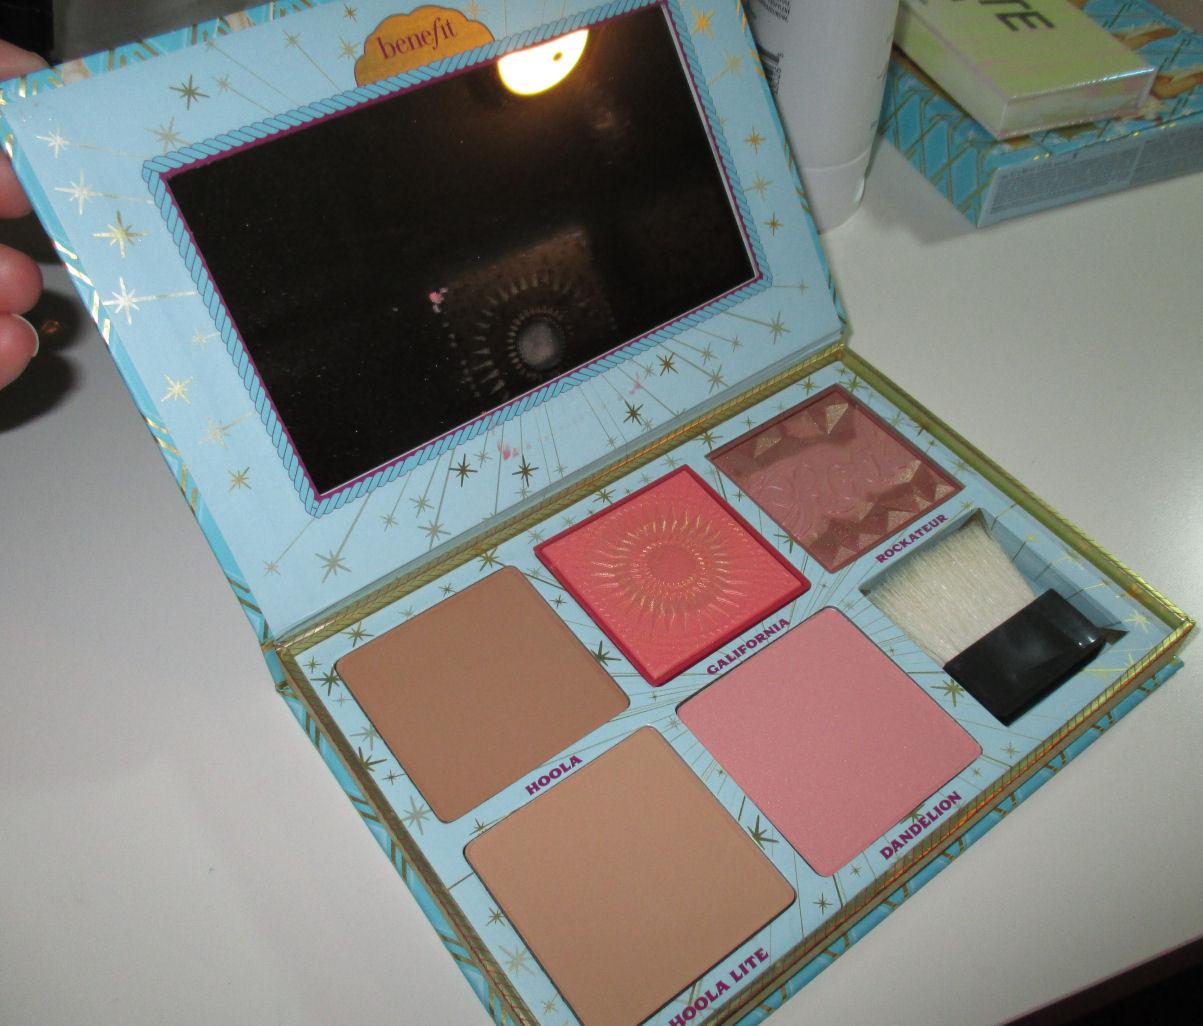 Cheek Parade Bronzer & Blush Palette by Benefit #17